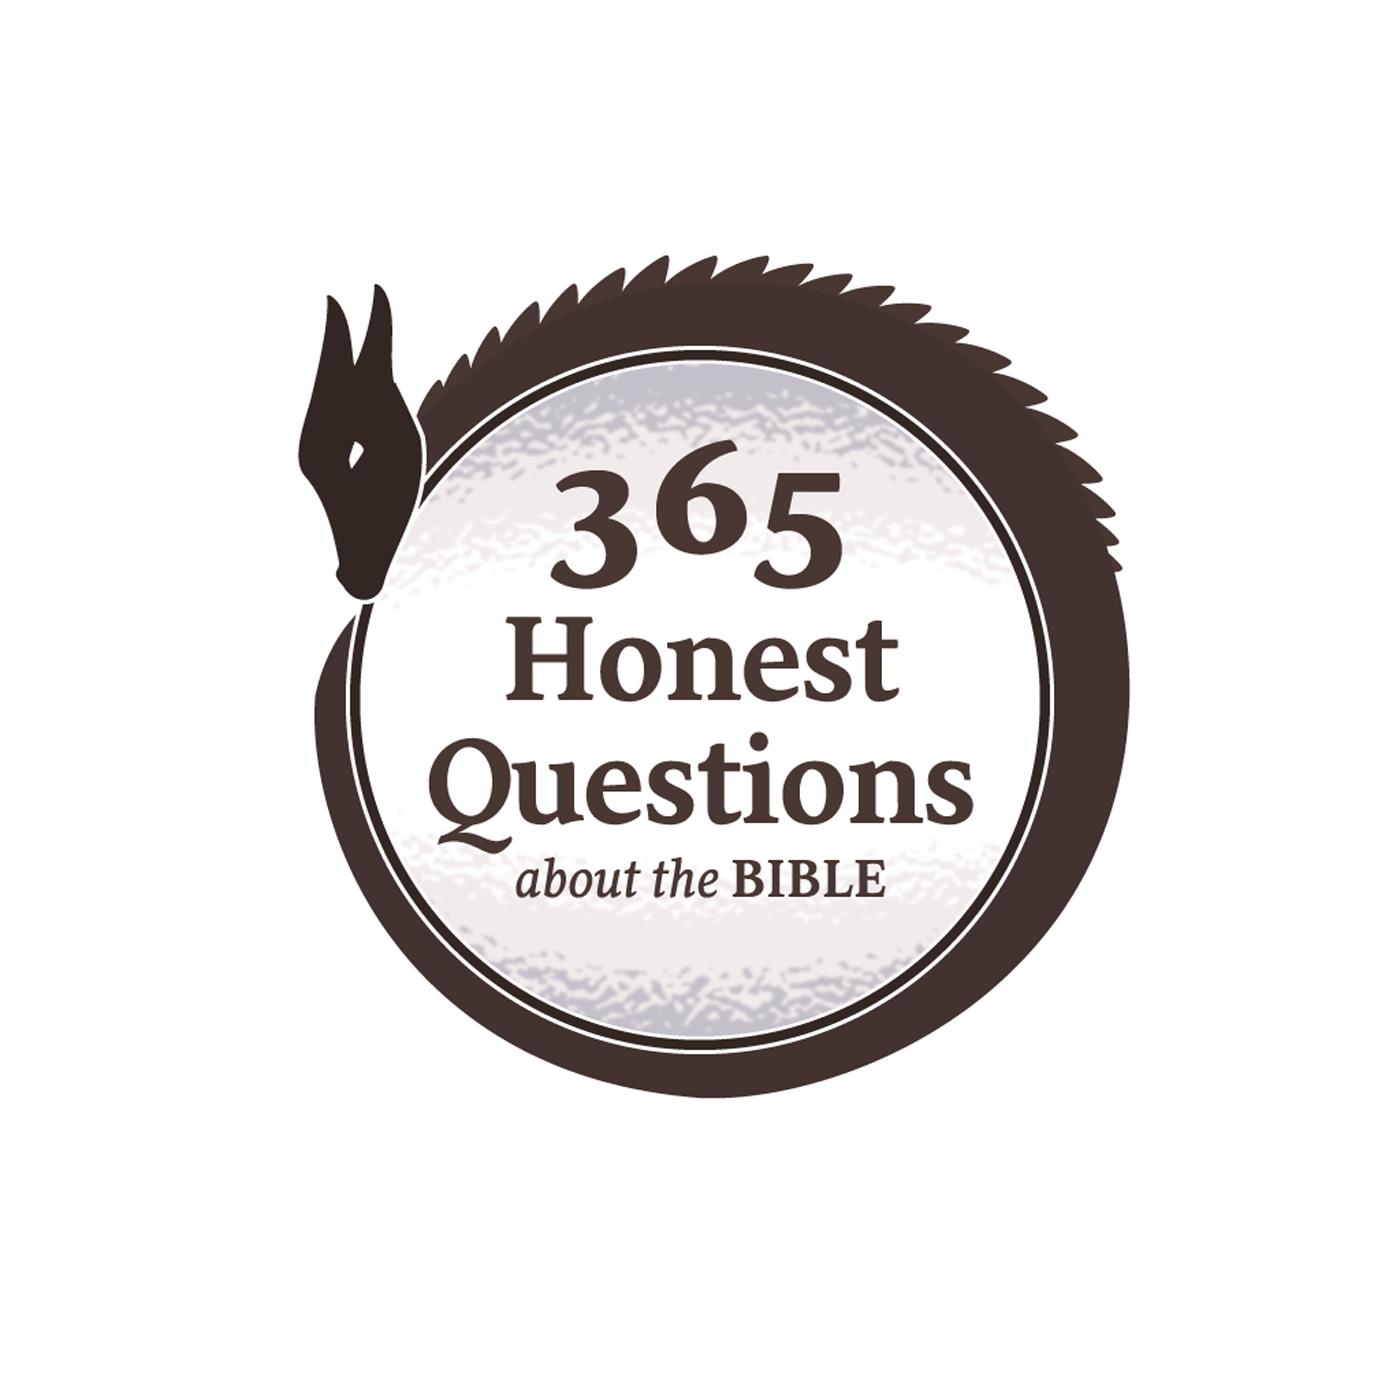 365 Honest Questions